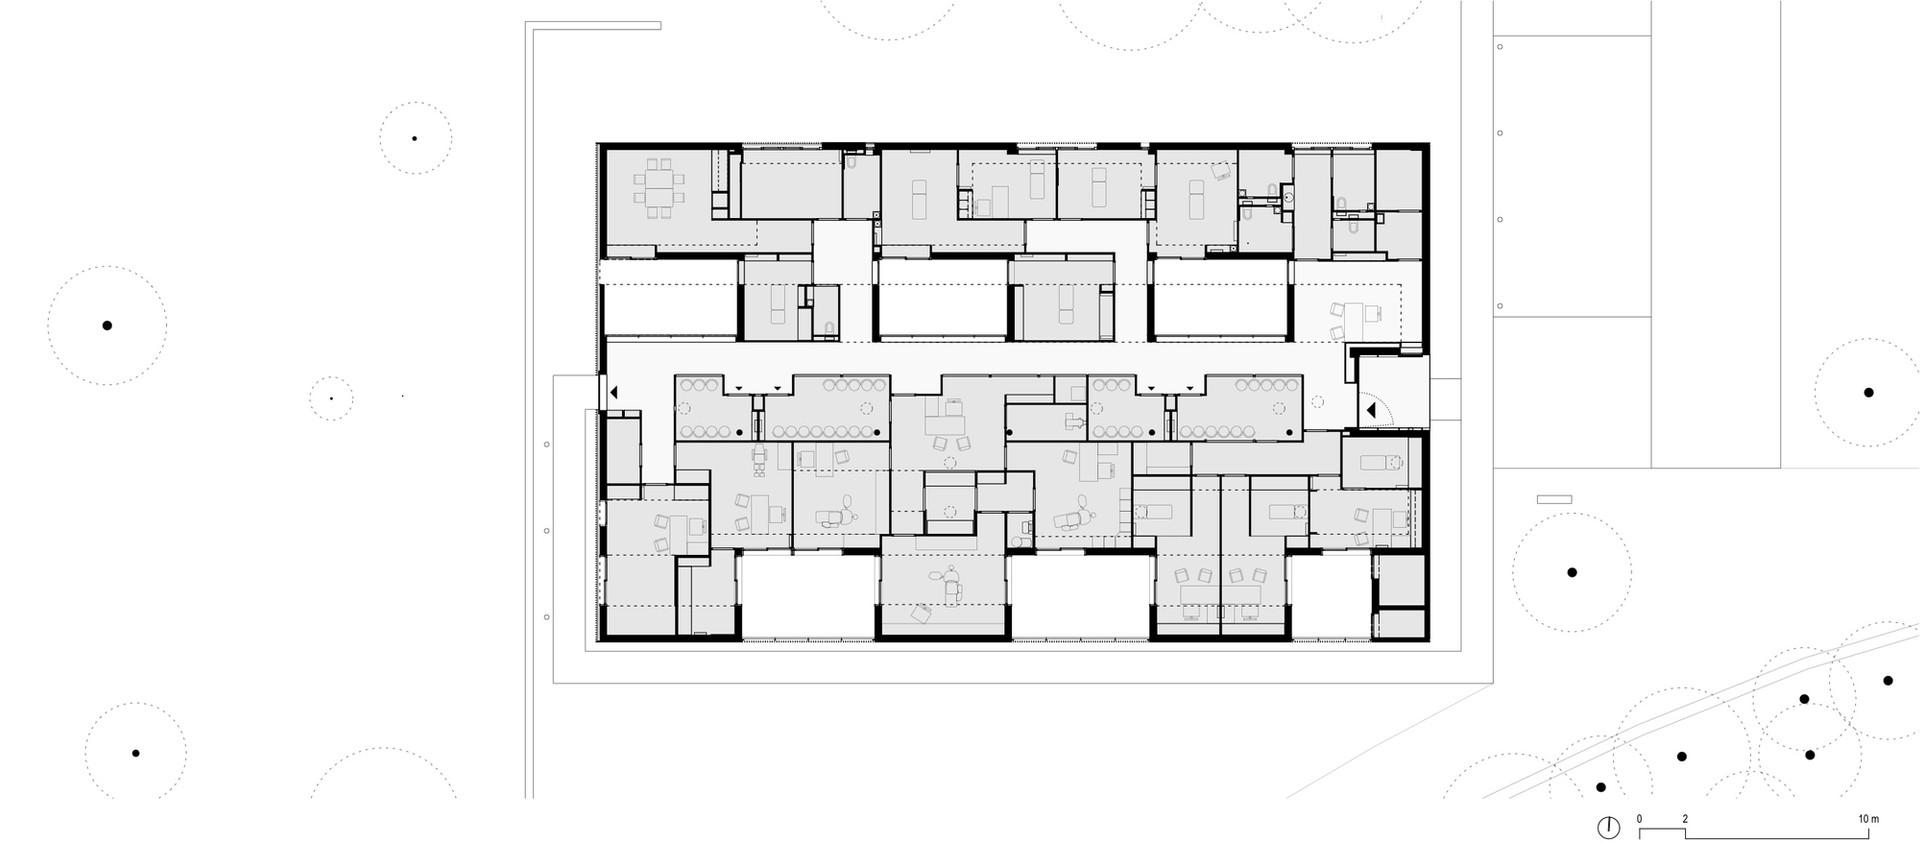 LAL-Plan v2.jpg